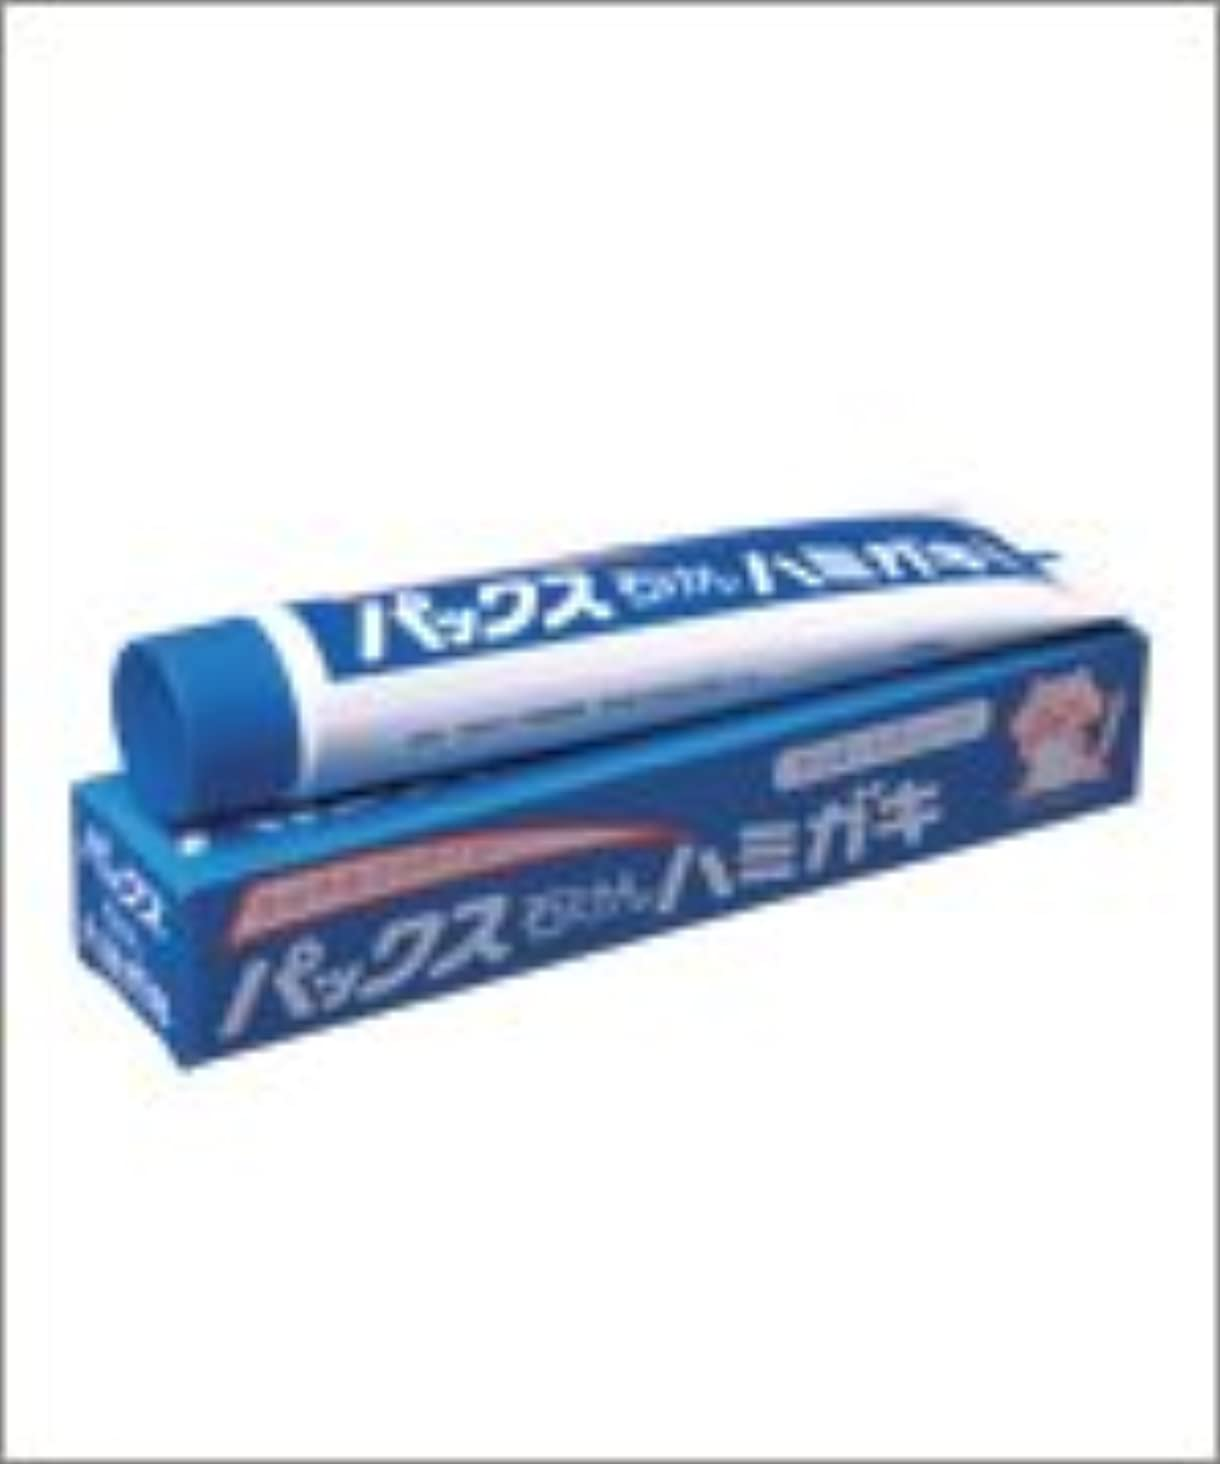 ドナウ川くるみ平和太陽油脂 パックス石けんハミガキ(無添加石けん歯磨き)140g  4ケース(40本入り)